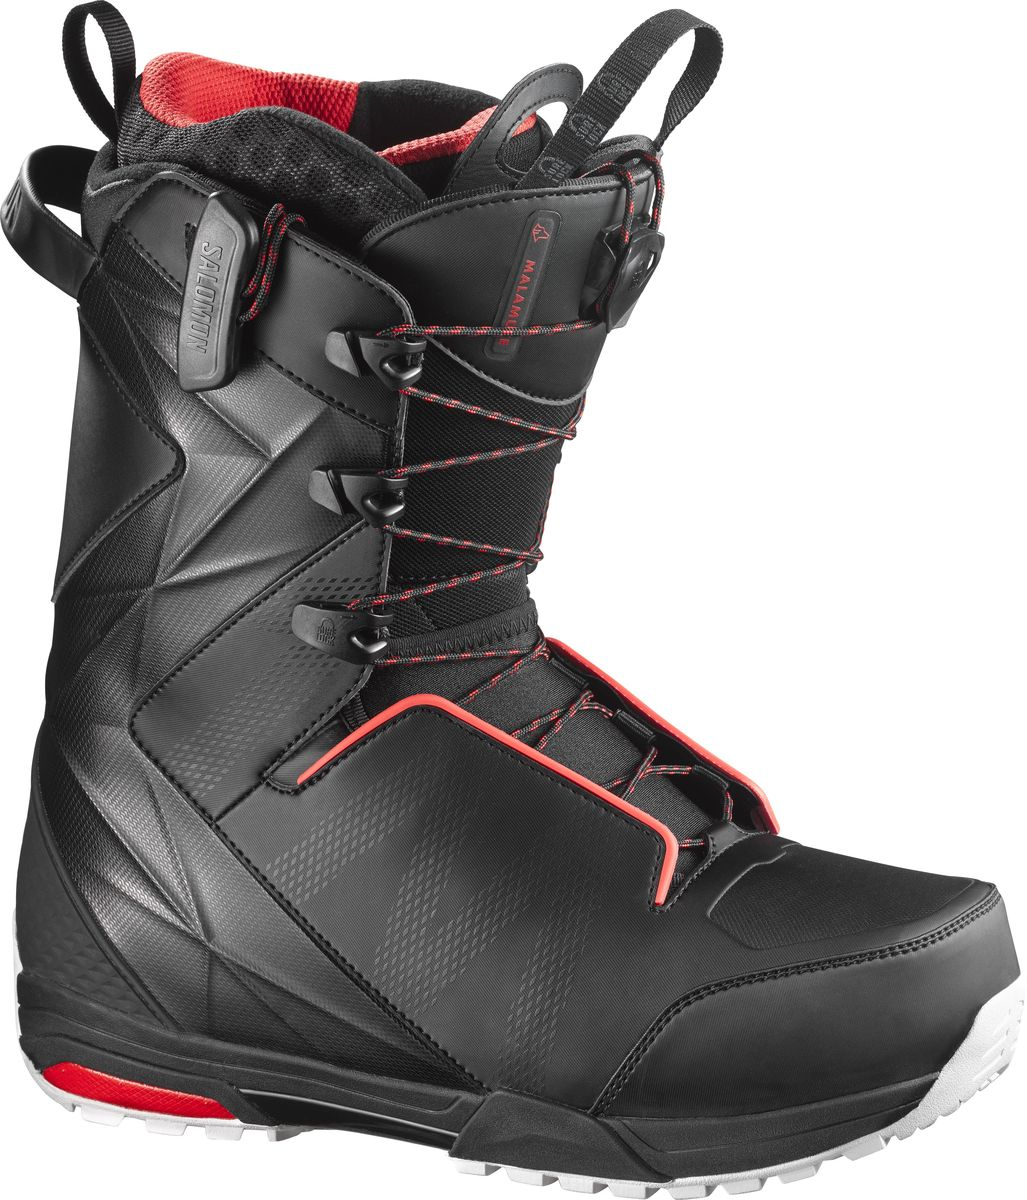 Ботинки для сноуборда Salomon Malamute, цвет: черный. Размер 28,5 (43,5)L39359500Самые гибкие ботинки для сноубординга Malamute с непревзойденной поддержкой поставляются в комплекте с новой стелькой двойной плотности Ortholite C3, которую отличают пена с эффектом памяти и пяточная чашка из сополимера EVA, и внутренним ботинком Platinum 4D для максимально комфортного катания. Встроенный ремешок задника Integrated Heel-Strap, вставка Power Frame и Energizer Bars обеспечивают индивидуальную и четкую посадку по ноге. В модели используются подошва Hike, гарантирующая отличное сцепление, и знаменитая шнуровка PowerLock, которая отлично фиксирует ногу.